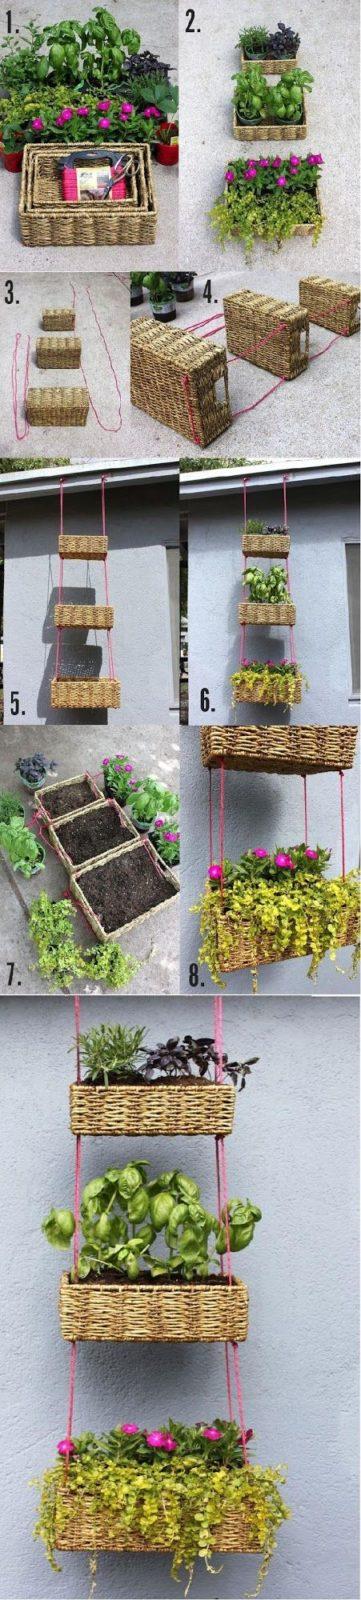 Самоделки для дачи и огорода своими руками: Подвесные клумбы